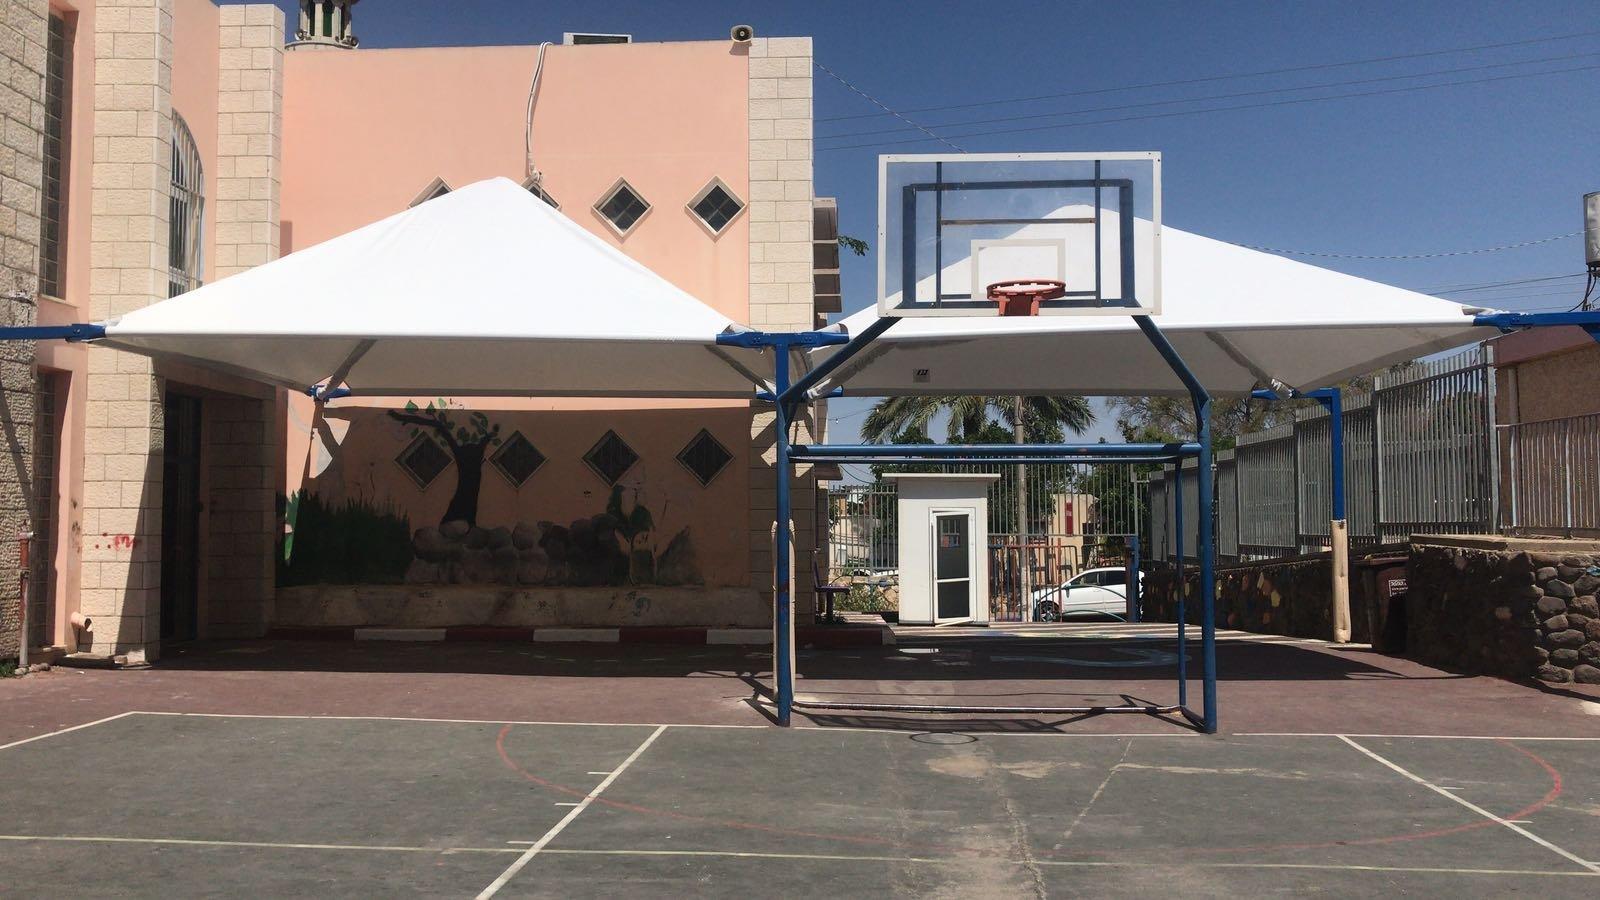 بستان المرج: تركيب مظلات في ساحات المدارس قبيل بدء المخيمات والبرامج الصيفية